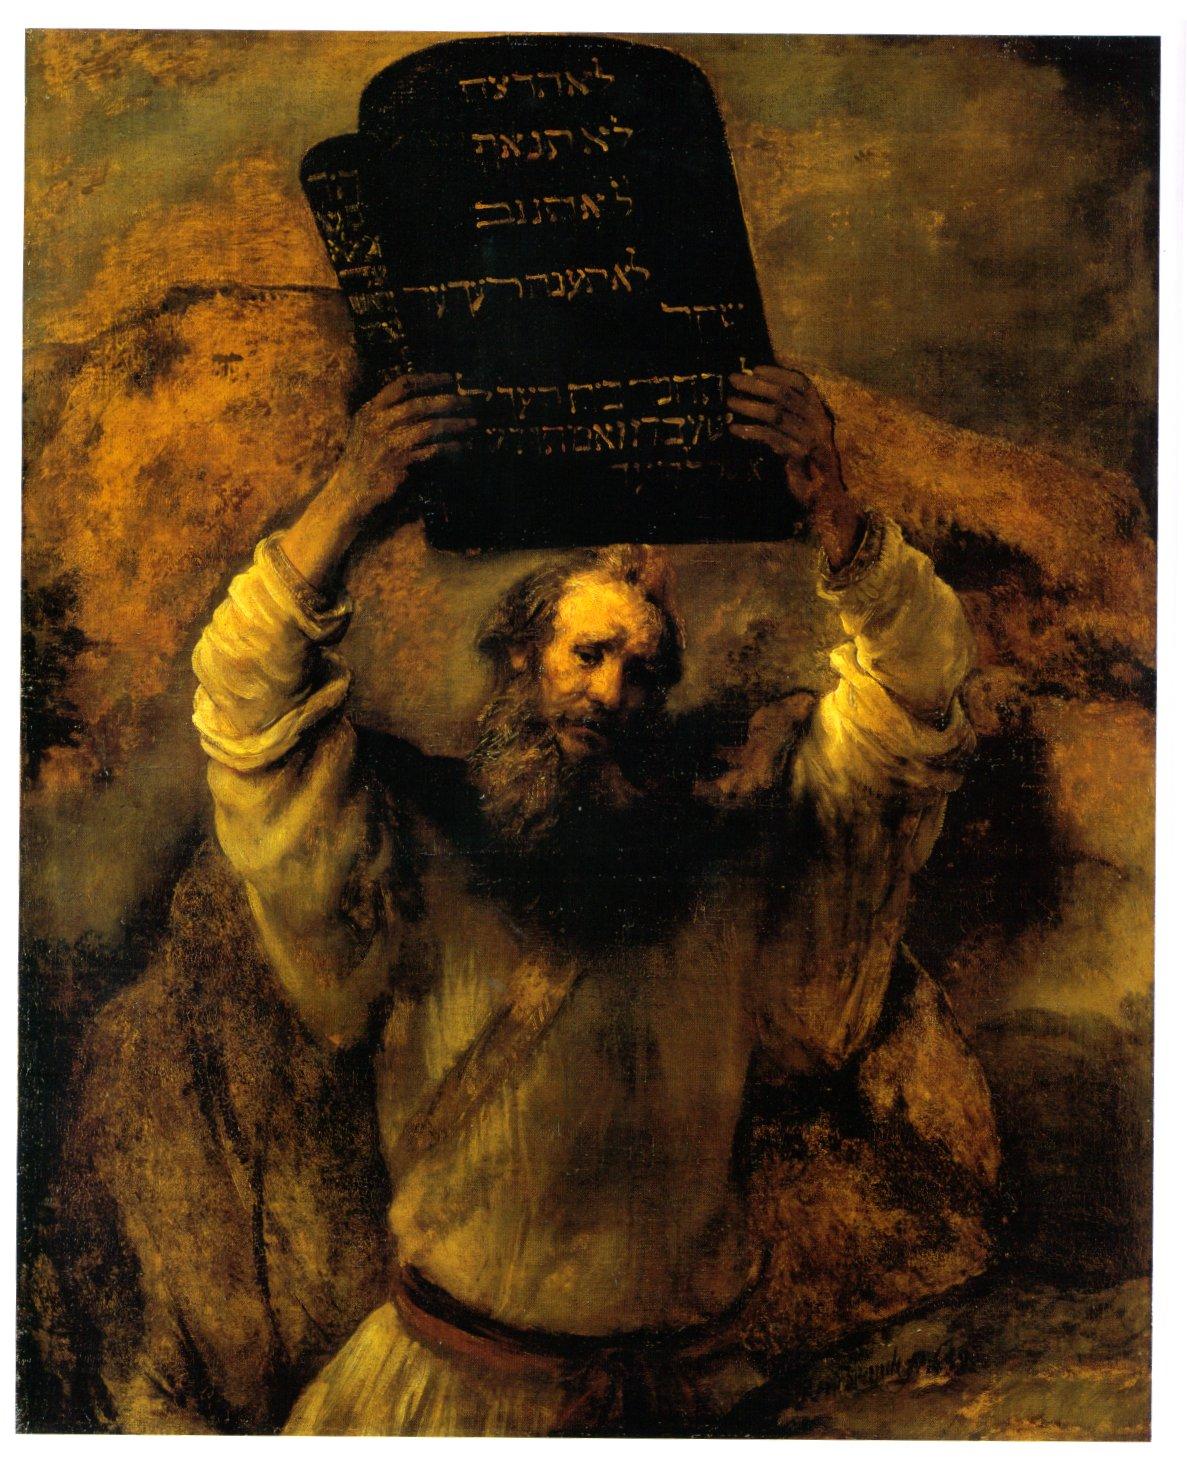 Moisés prestes a quebrar a tábua das leis